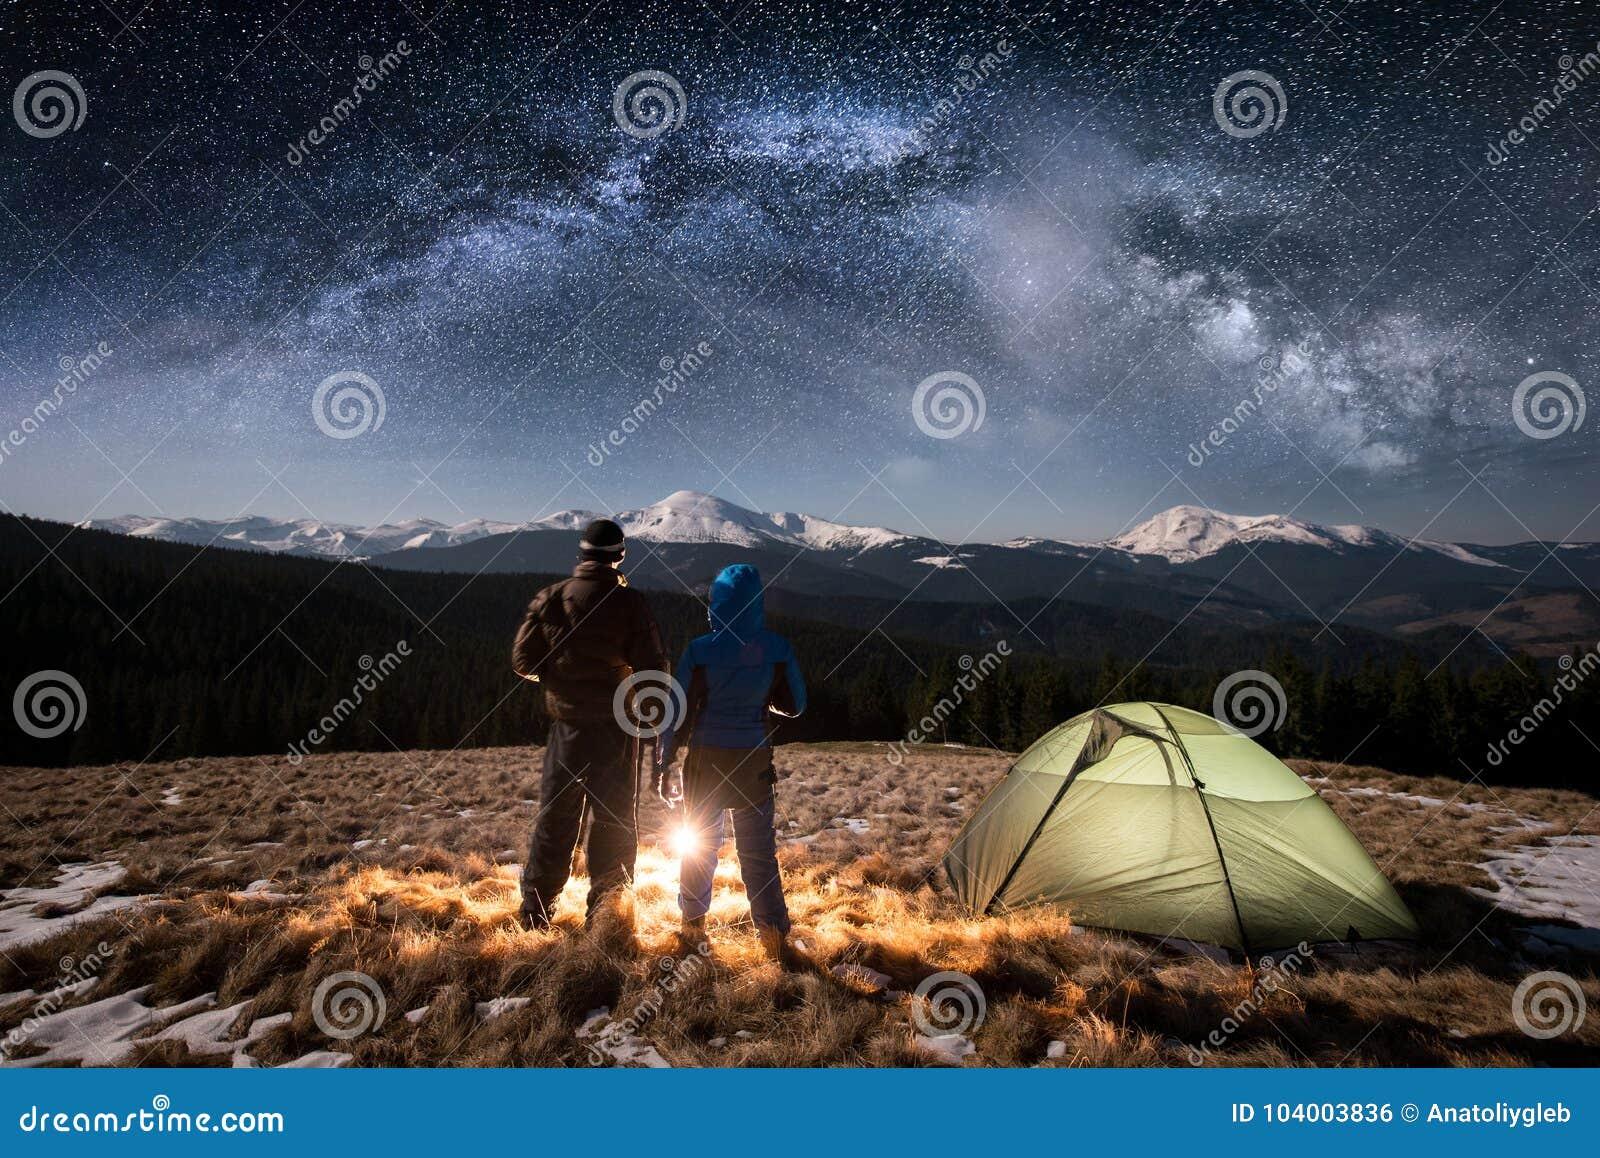 Junge Paartouristen der hinteren Ansicht, die einen Rest in nah darunter kampieren am nächtlichen Himmel voll von Sternen und von